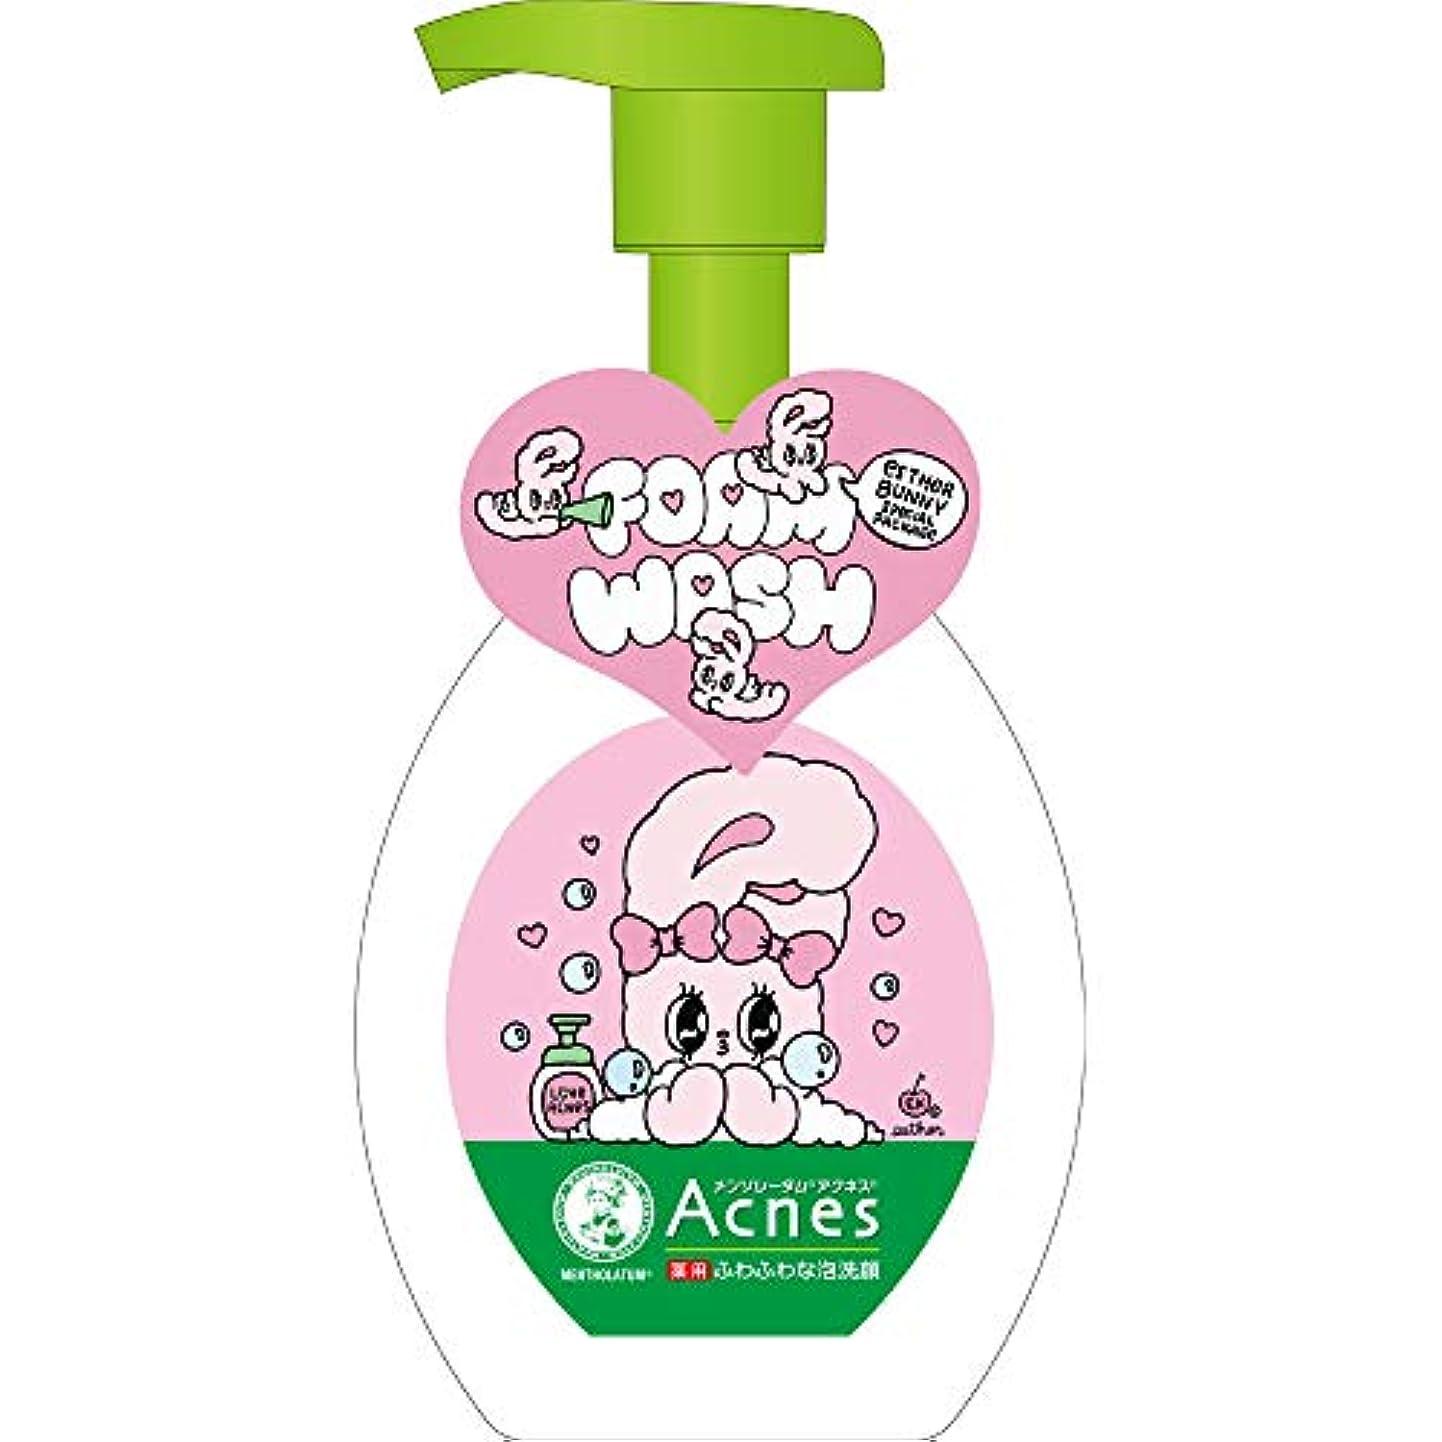 発明樹木わかりやすいメンソレータム アクネス 薬用ふわふわな泡洗顔 エスターバニー企画品